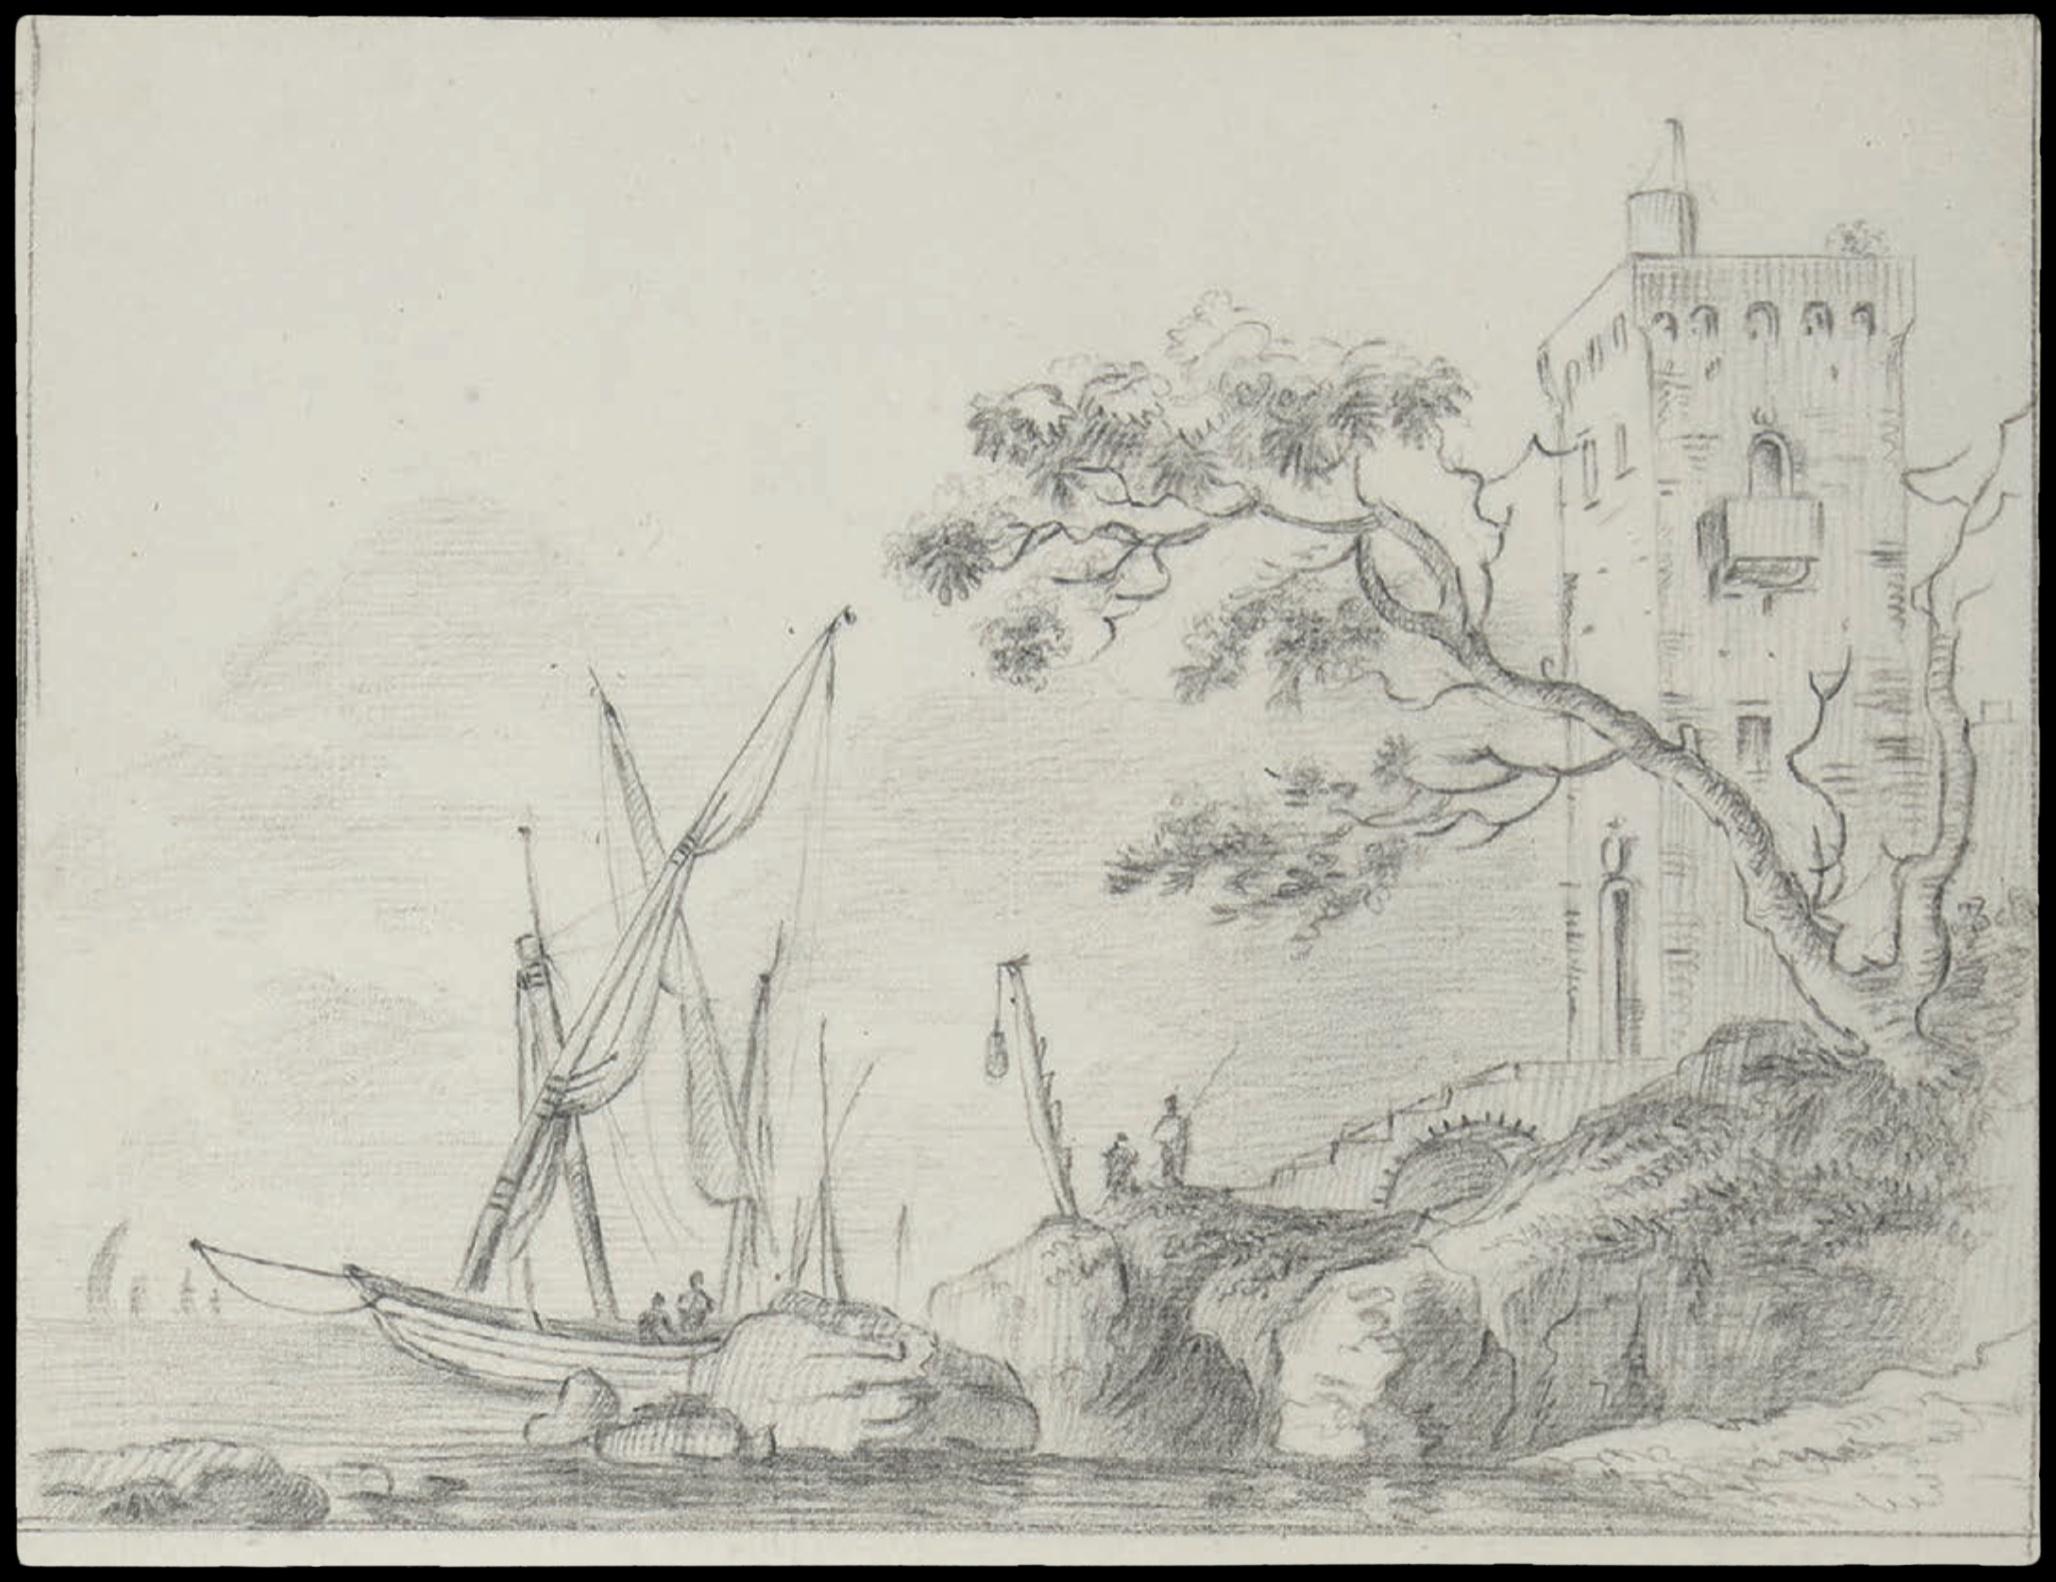 Dessin d'Italie de Jean-Baptiste TIERCE (Rouen 1737 – Florence 1794). Collection du Marquis de Sade Marine cotière